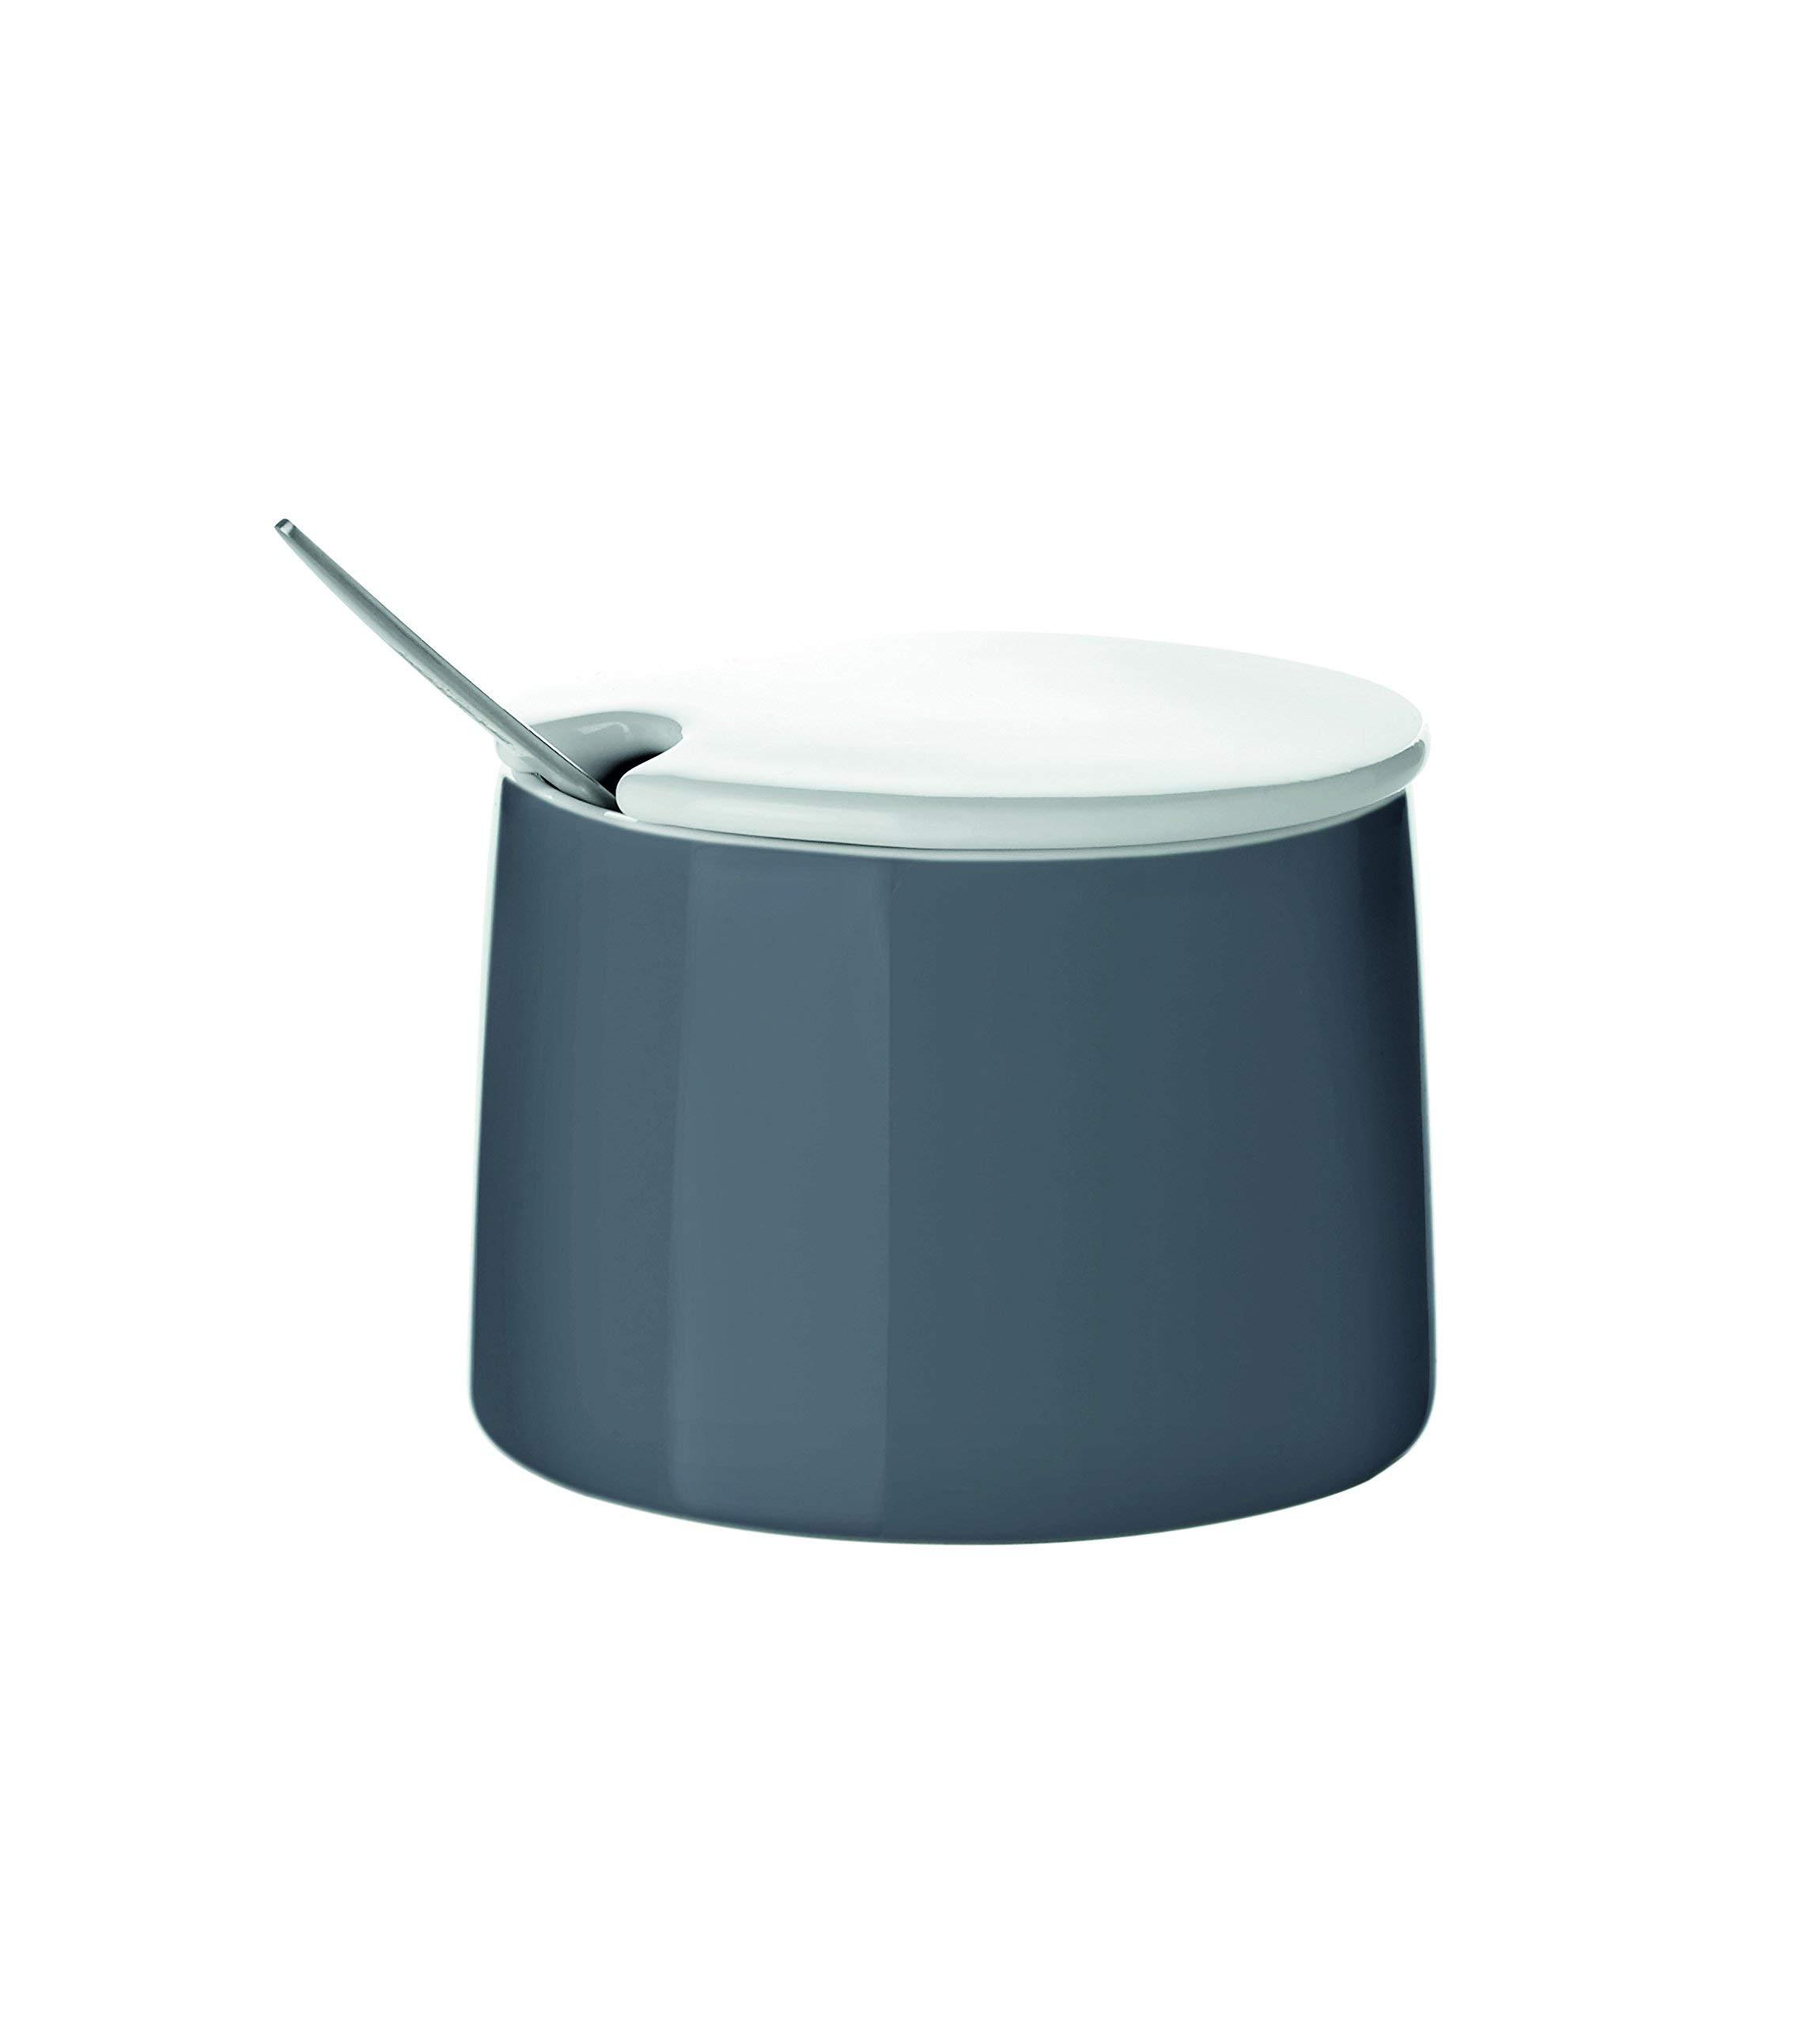 Stelton Emma Sugar Bowl, with Lid, Porcelain, Dark Grey, 150 ml, X-205-1